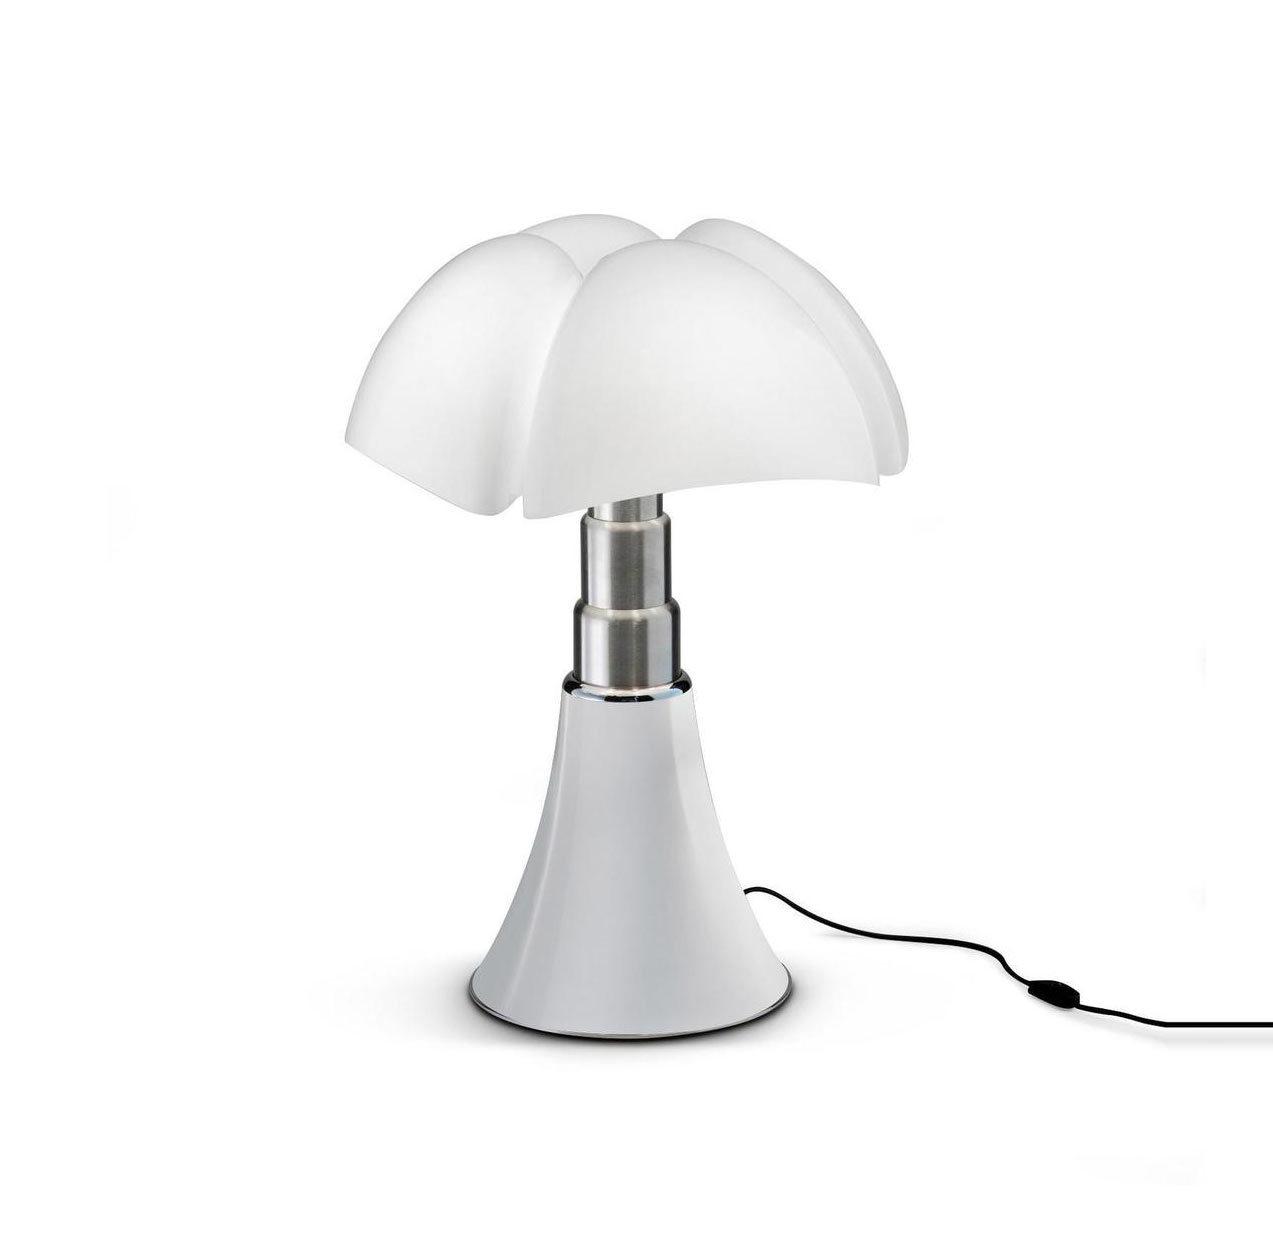 Lampe à poser Mini Pipistrello - Lampe Blanc